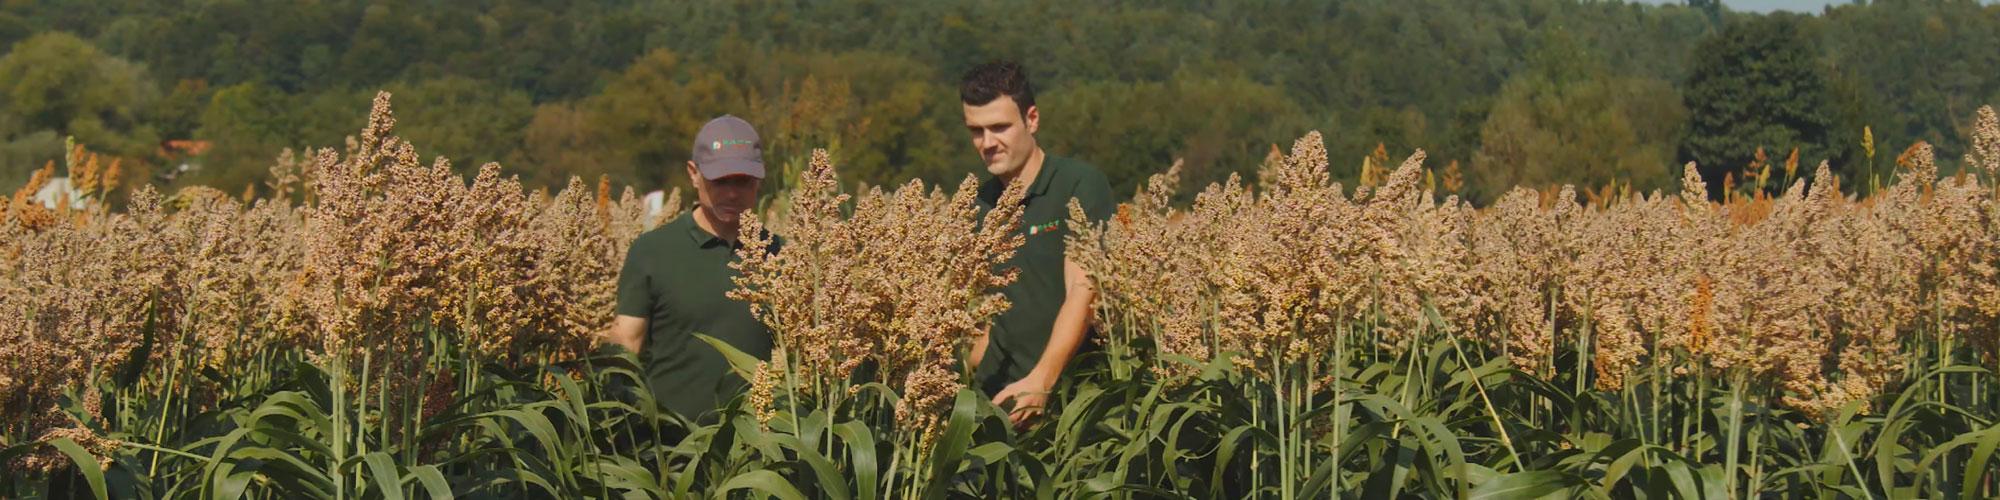 Körnersorghum - mehr als nur eine Alternative zu Mais